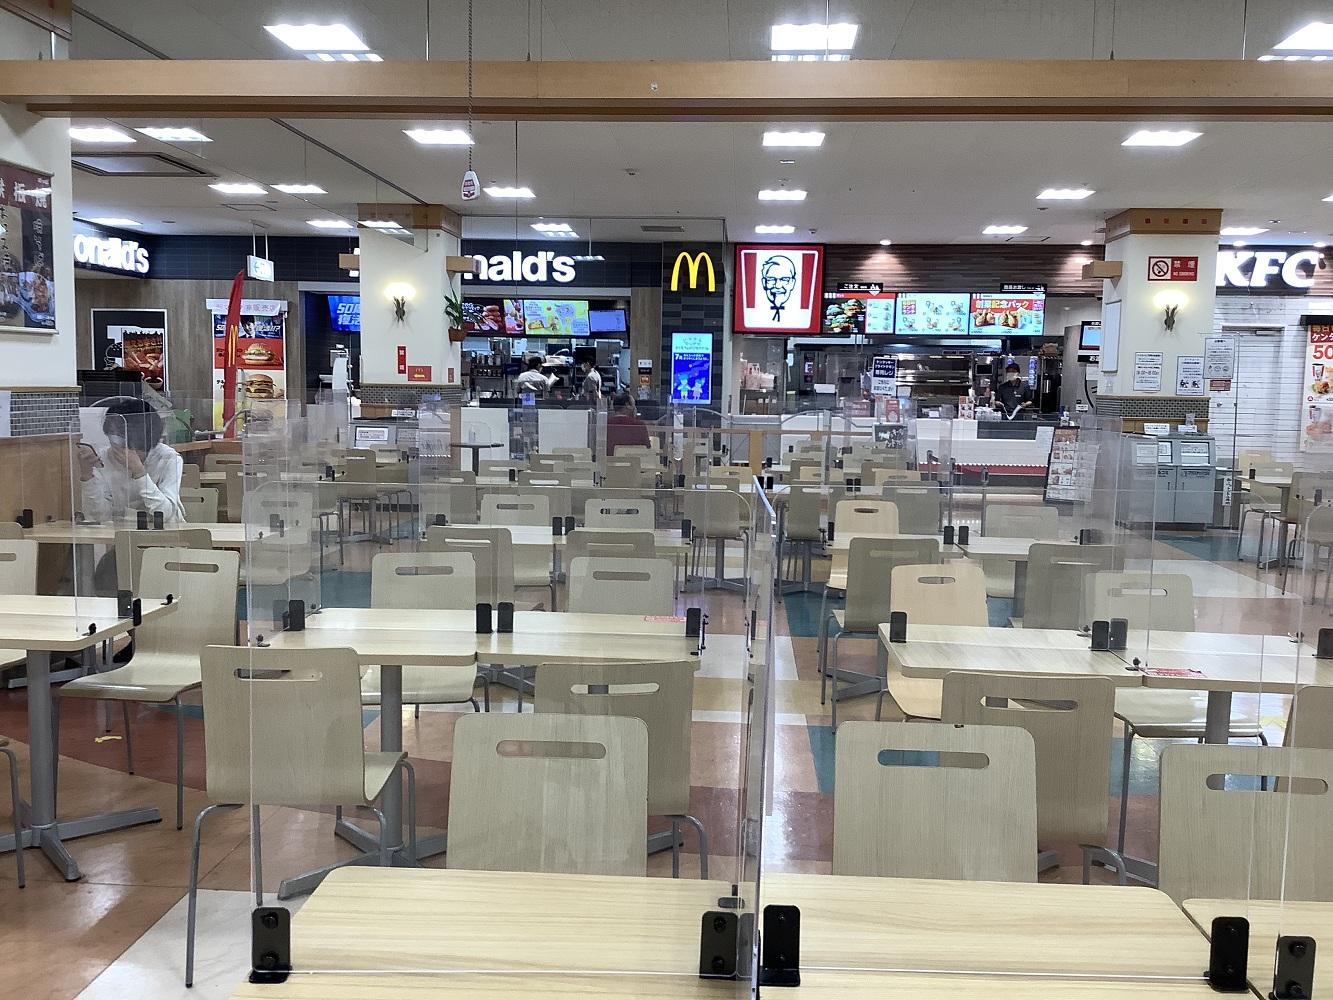 美食廣場也徹底用隔板隔開。 圖:劉黎兒攝